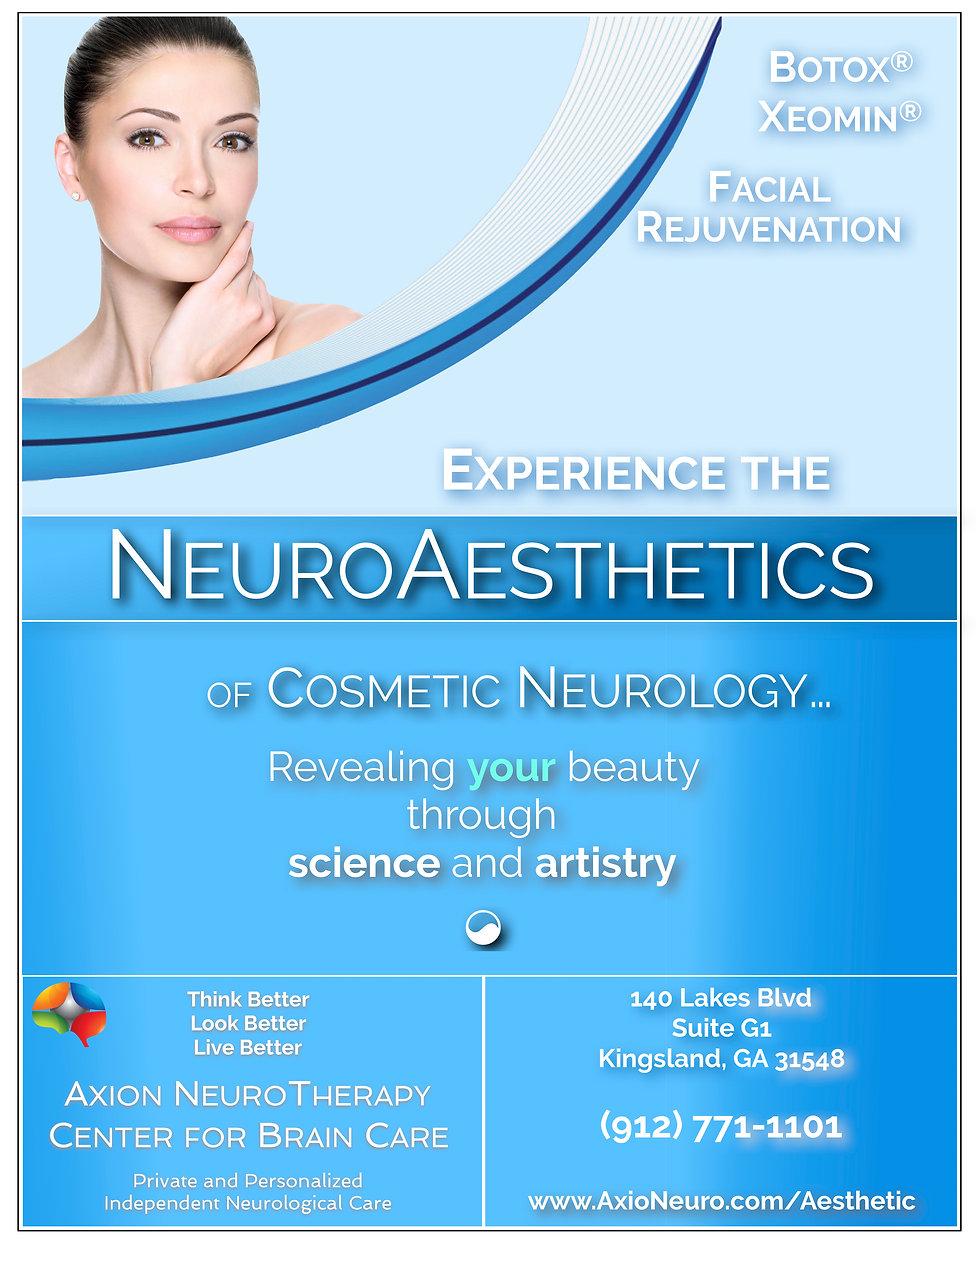 Cosmetic Neurology Flier #4.jpg